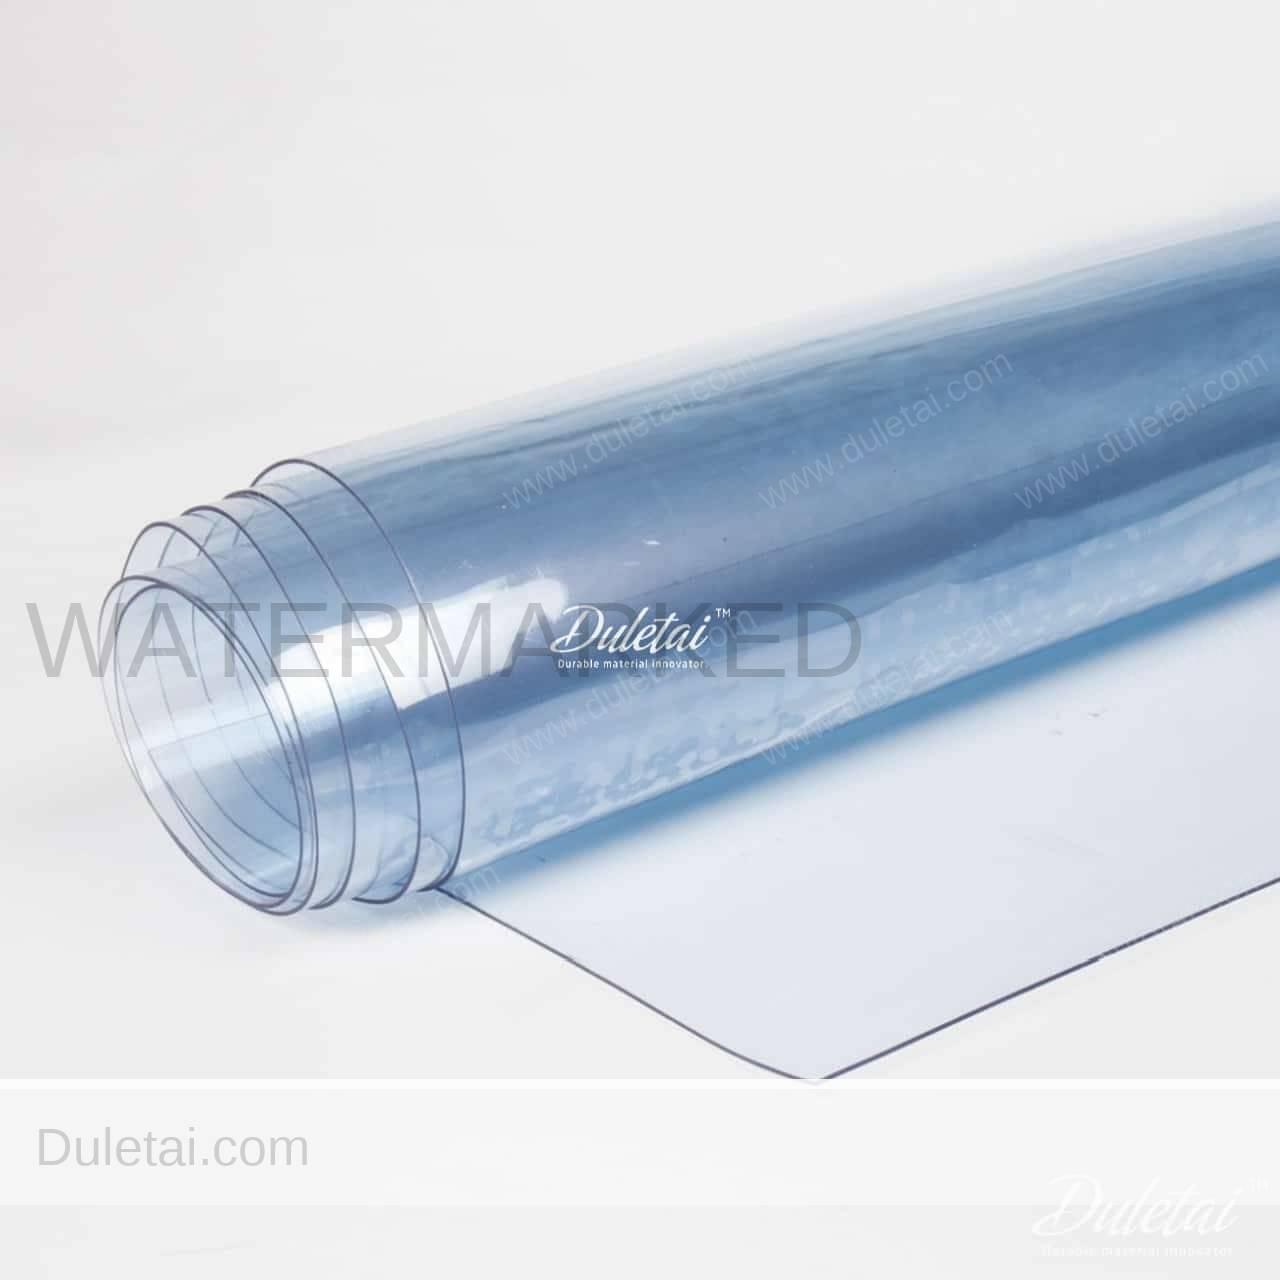 Clear Pvc Film 2 4m Width Super Clear Plastic In Roll